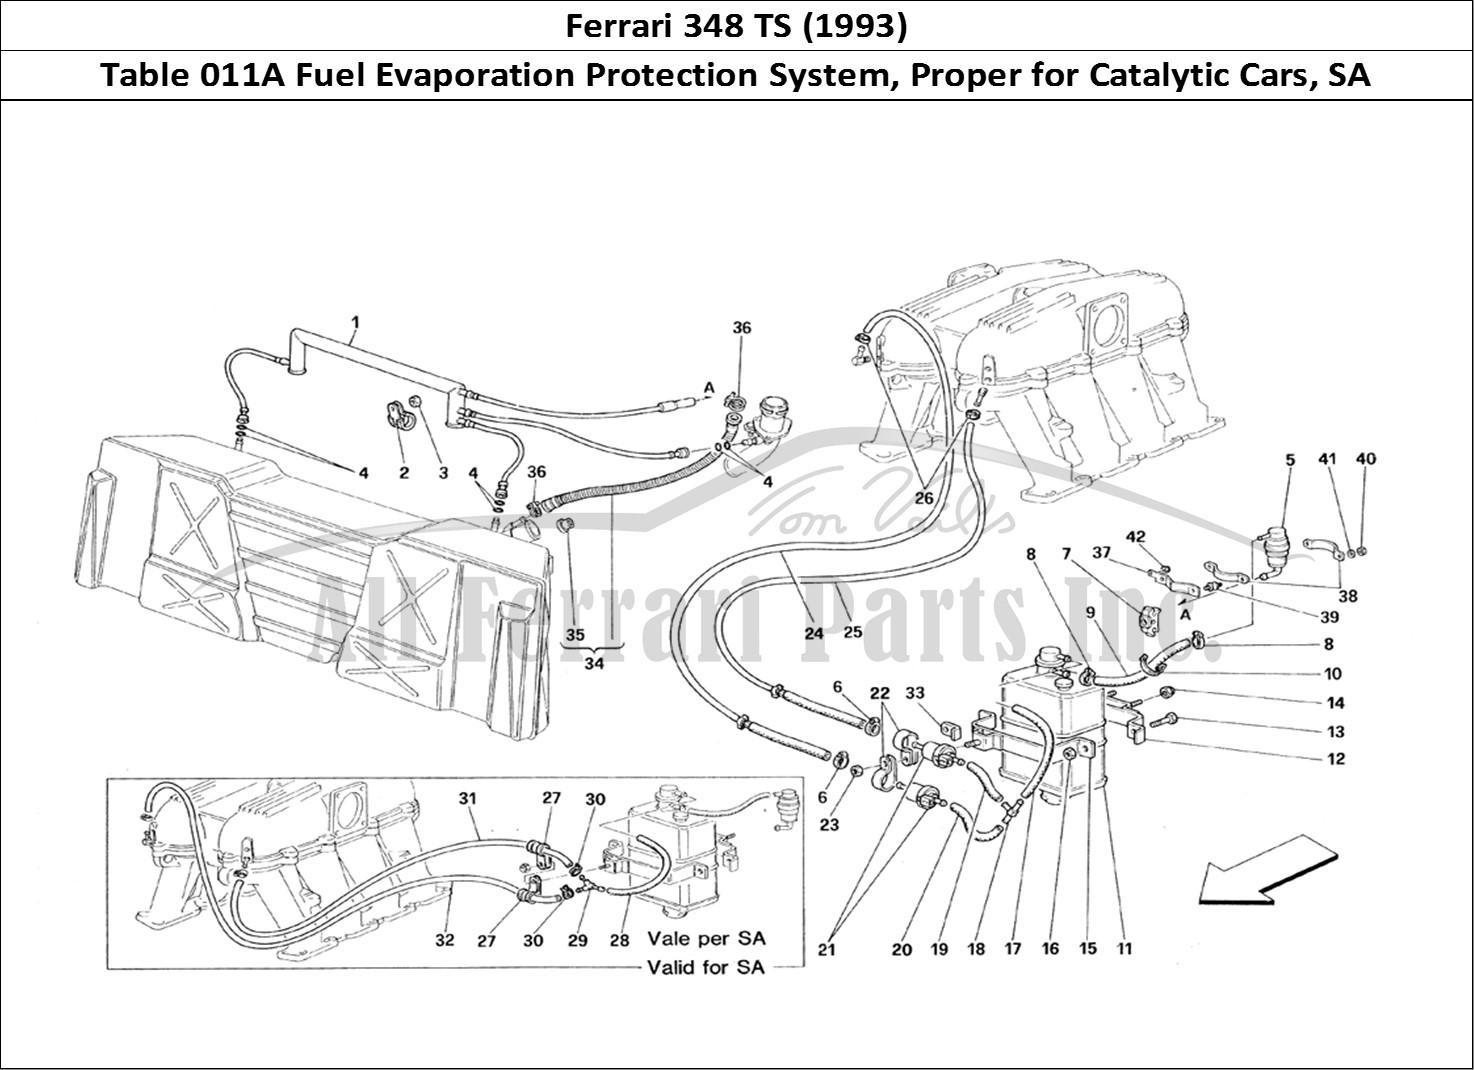 Buy Original Ferrari 348 Ts 011a Fuel Evaporation